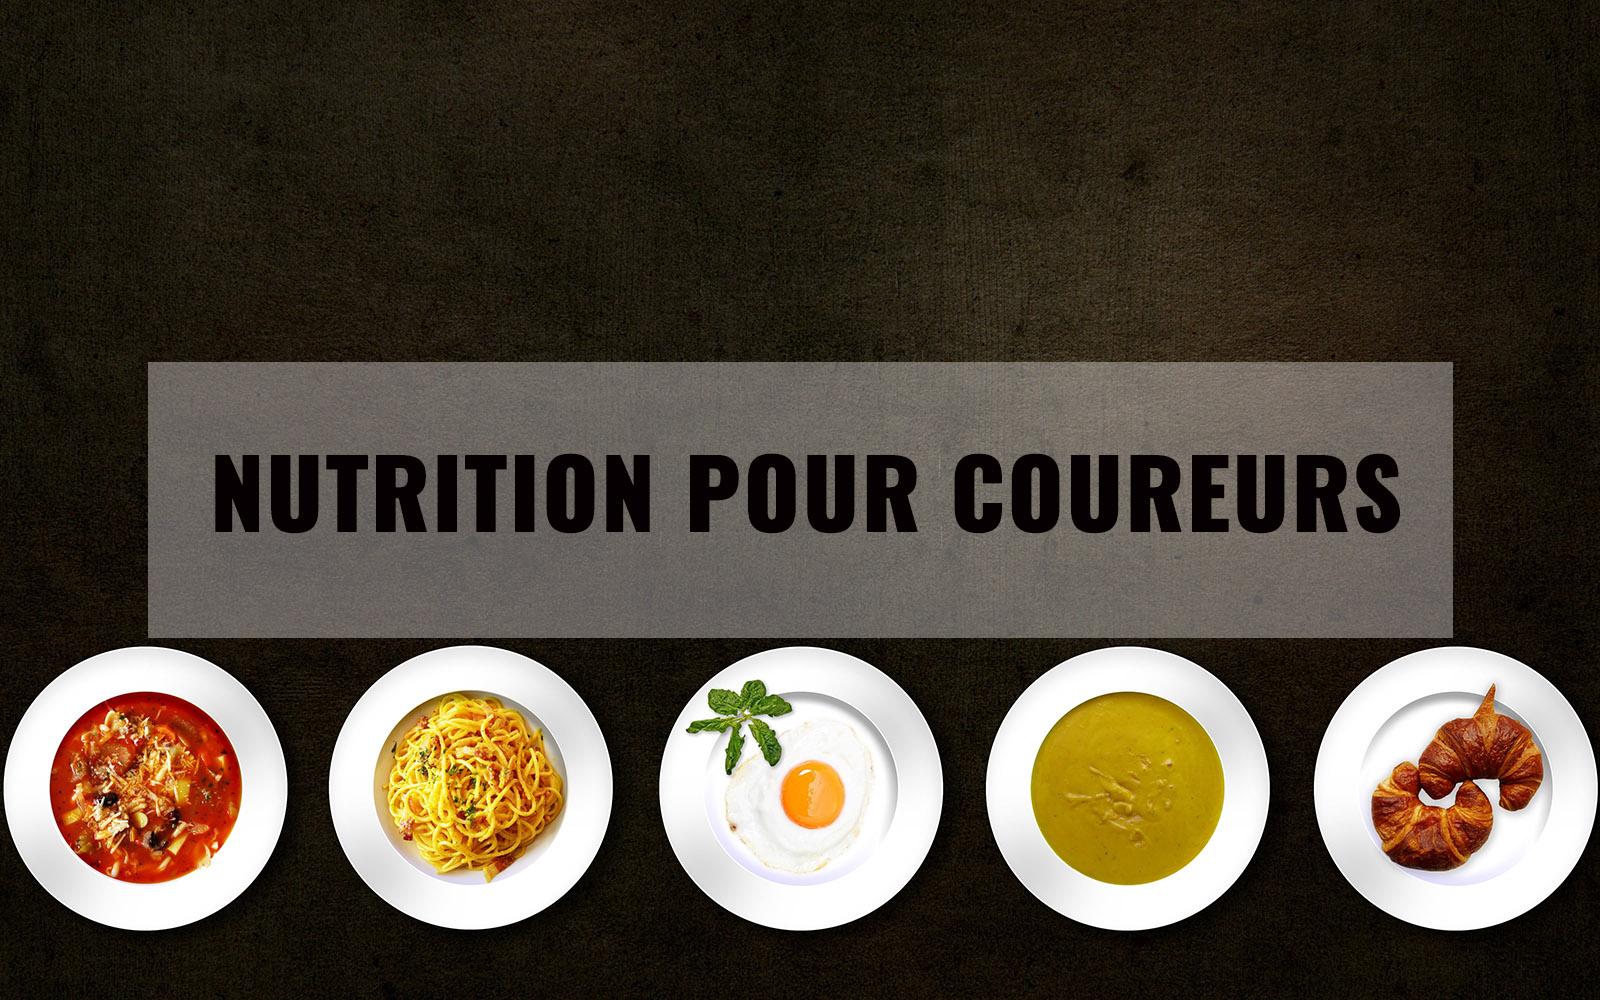 Nutrition pour coureurs